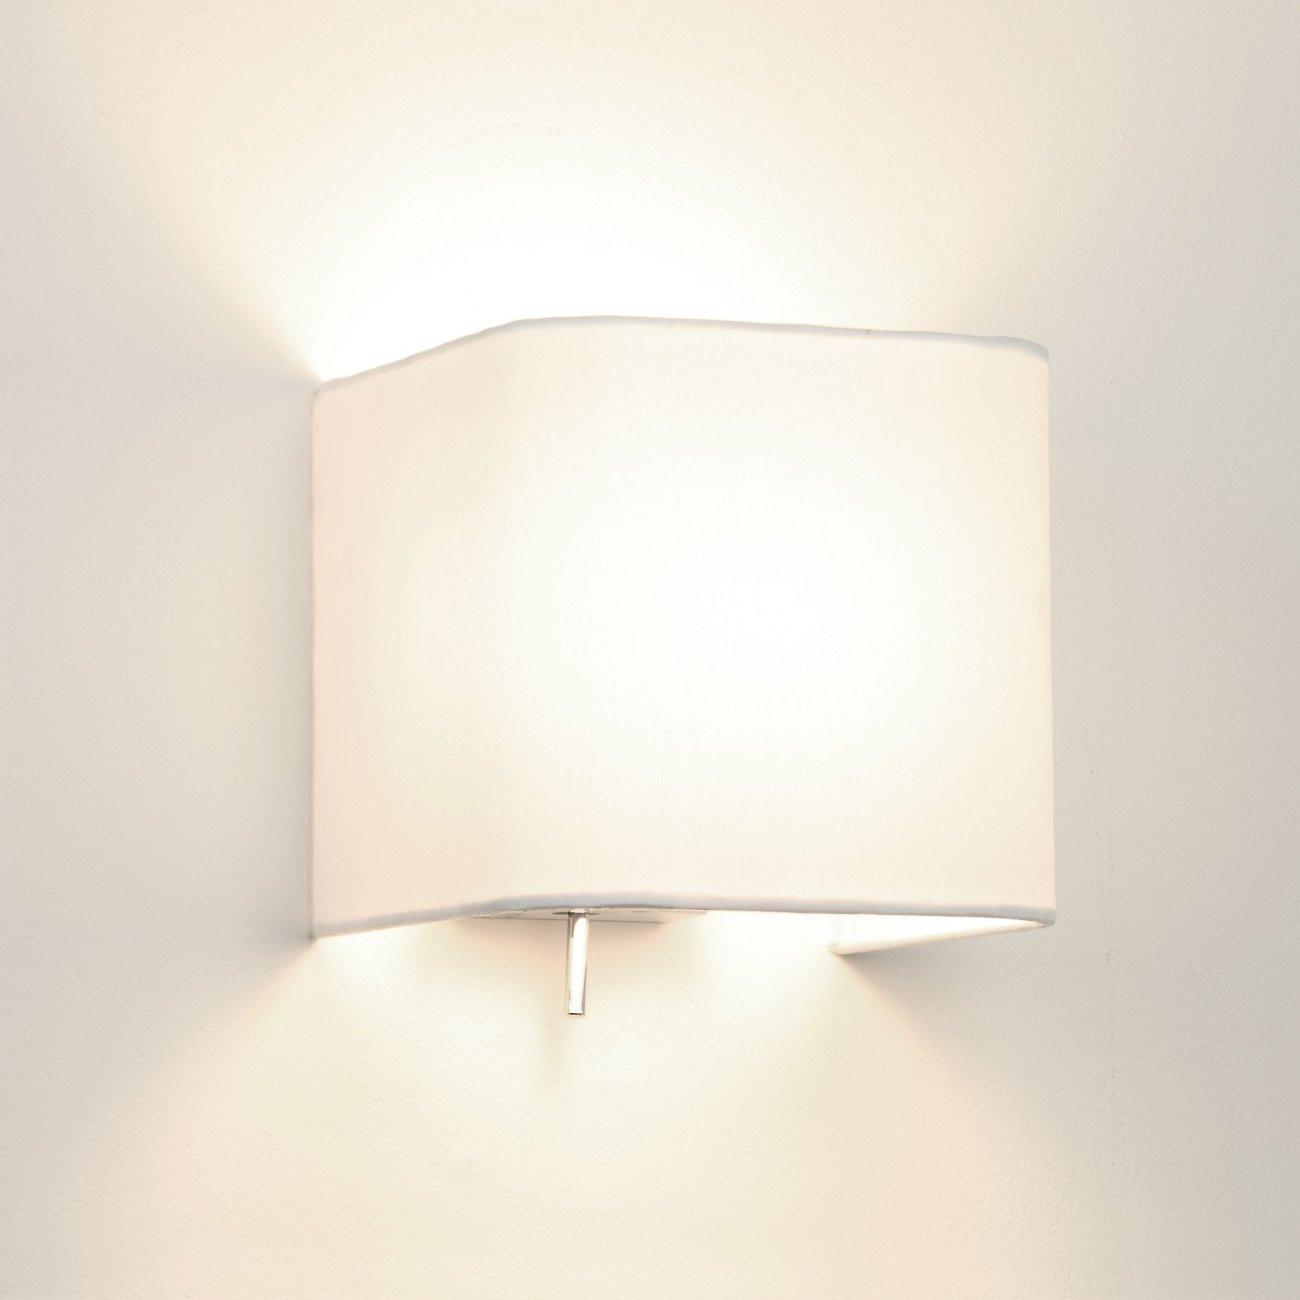 Wandlampe Mit Schalter  Edle Schirm Wandlampe quadratisch mit Kipp Schalter ASHINO